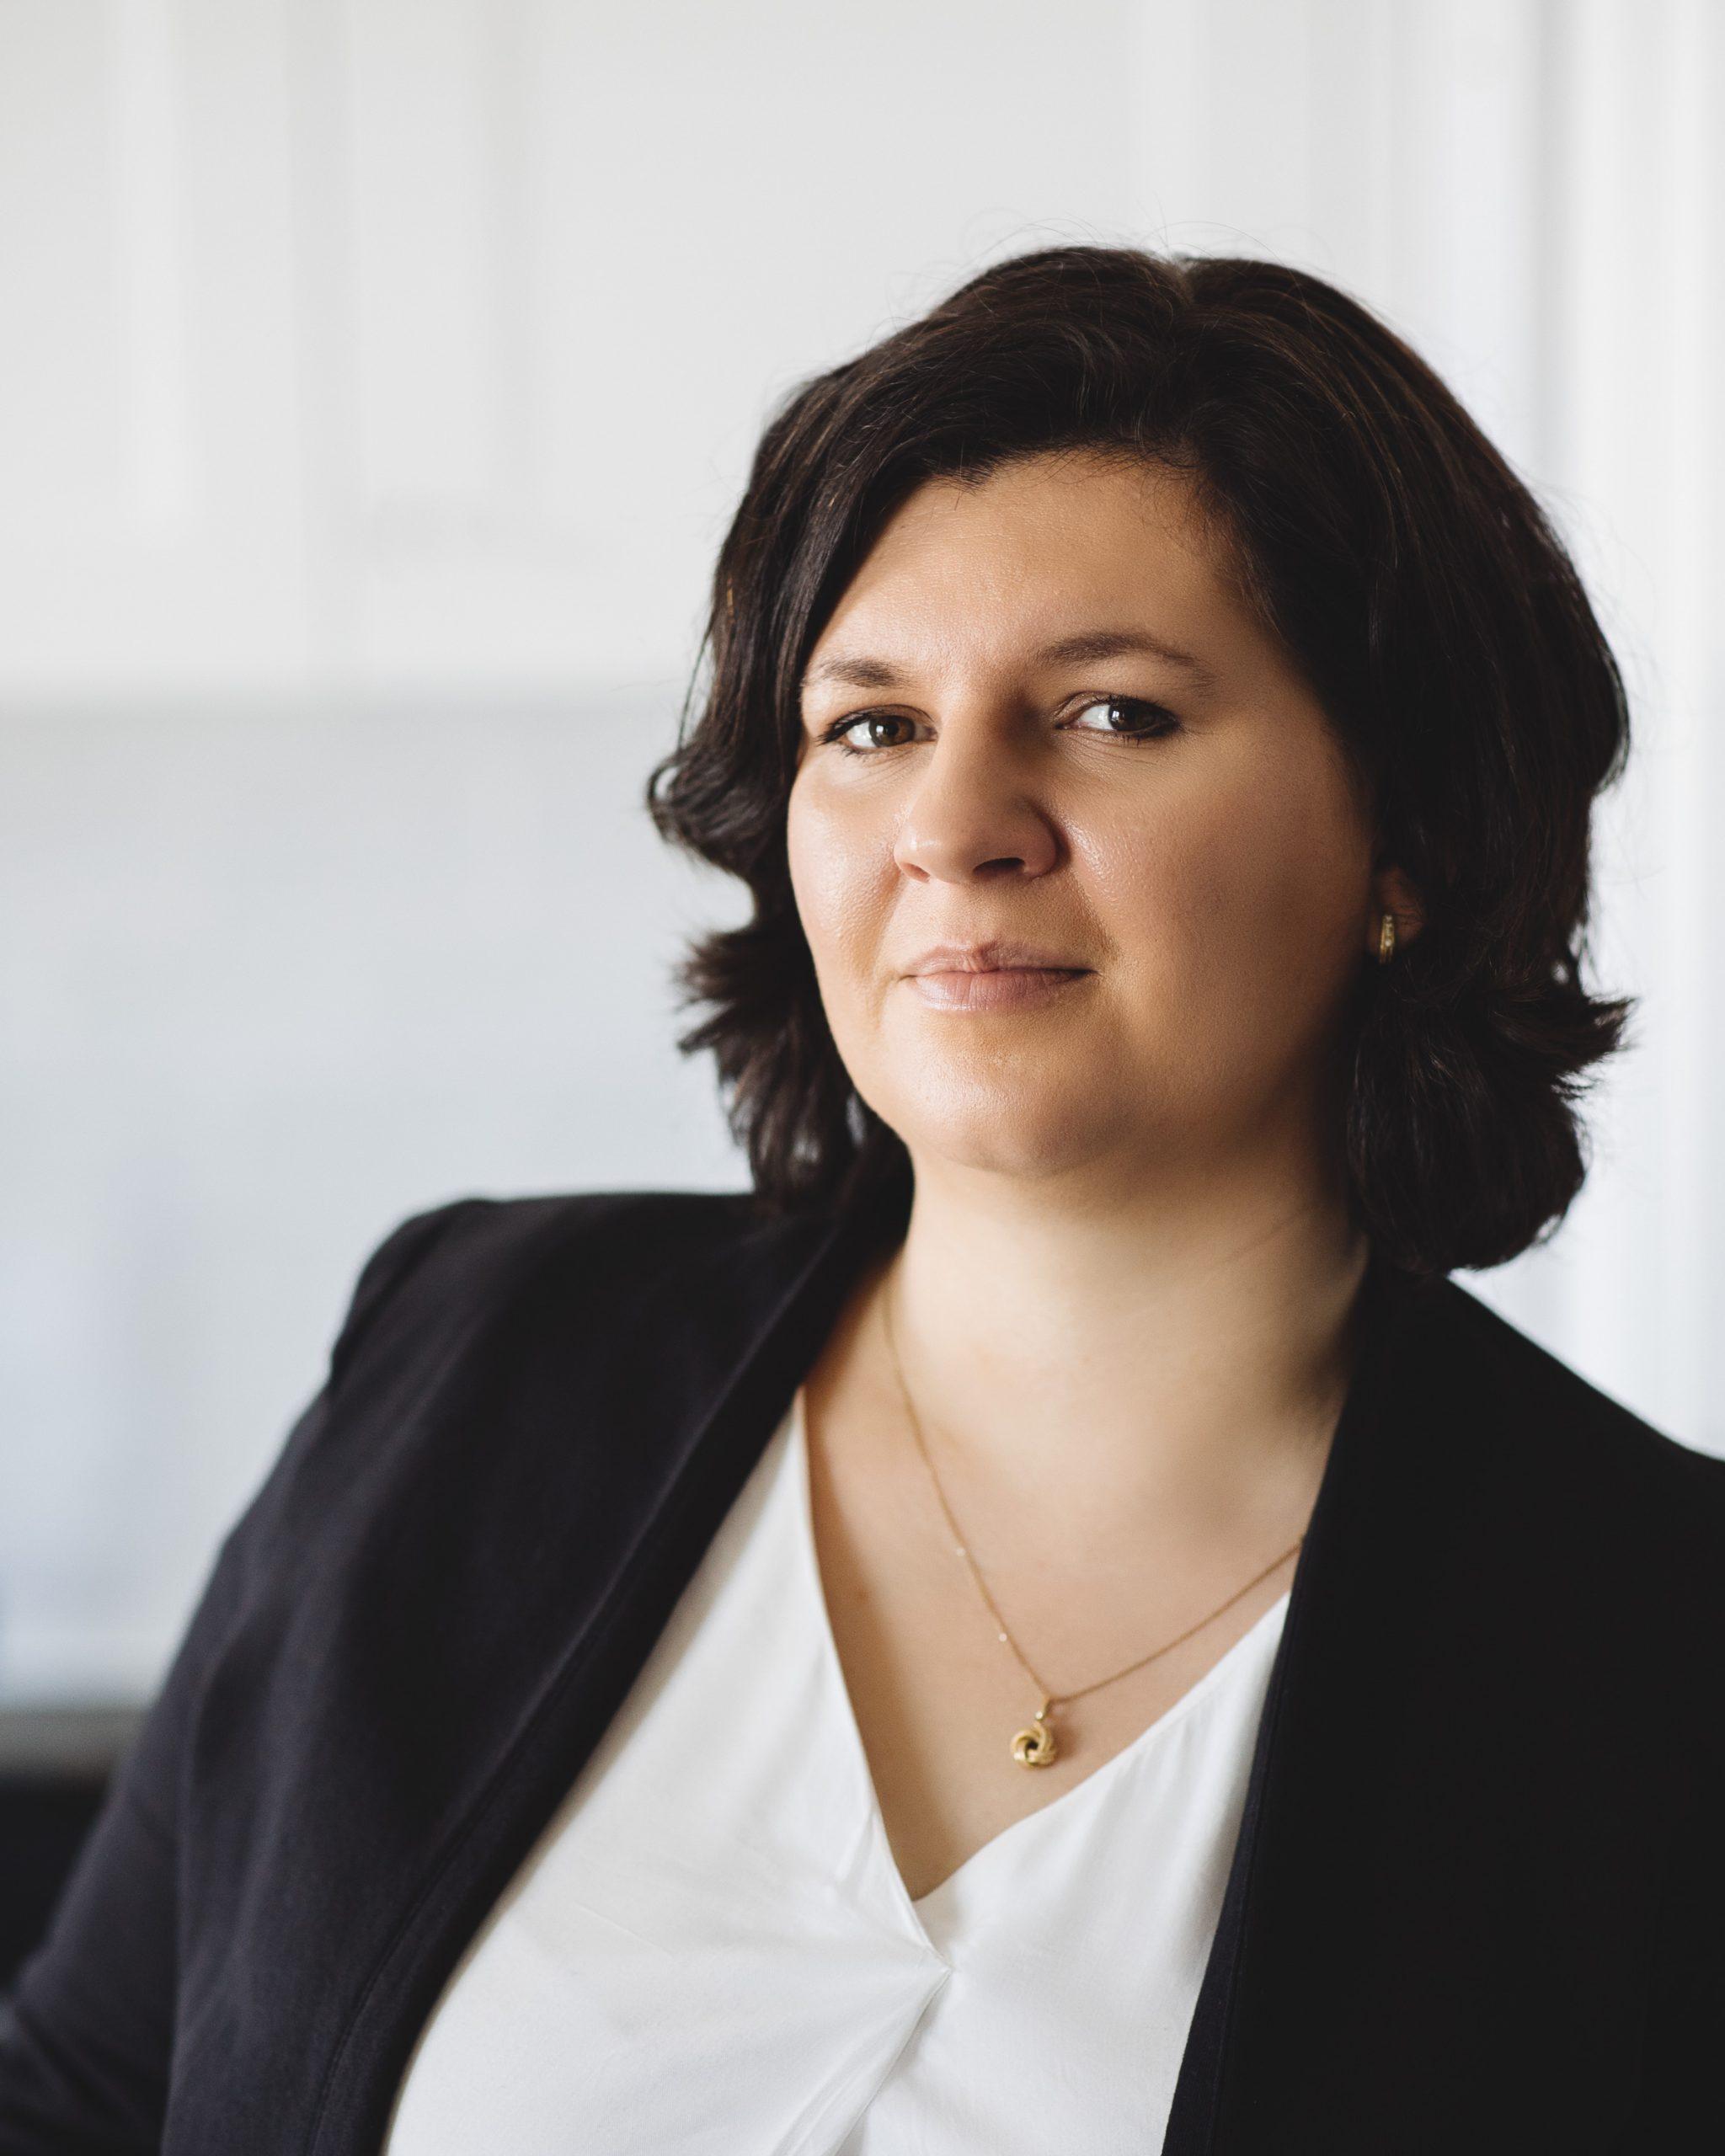 Joanna Gierak-Onoszko fot. Edyta Wojciechowska